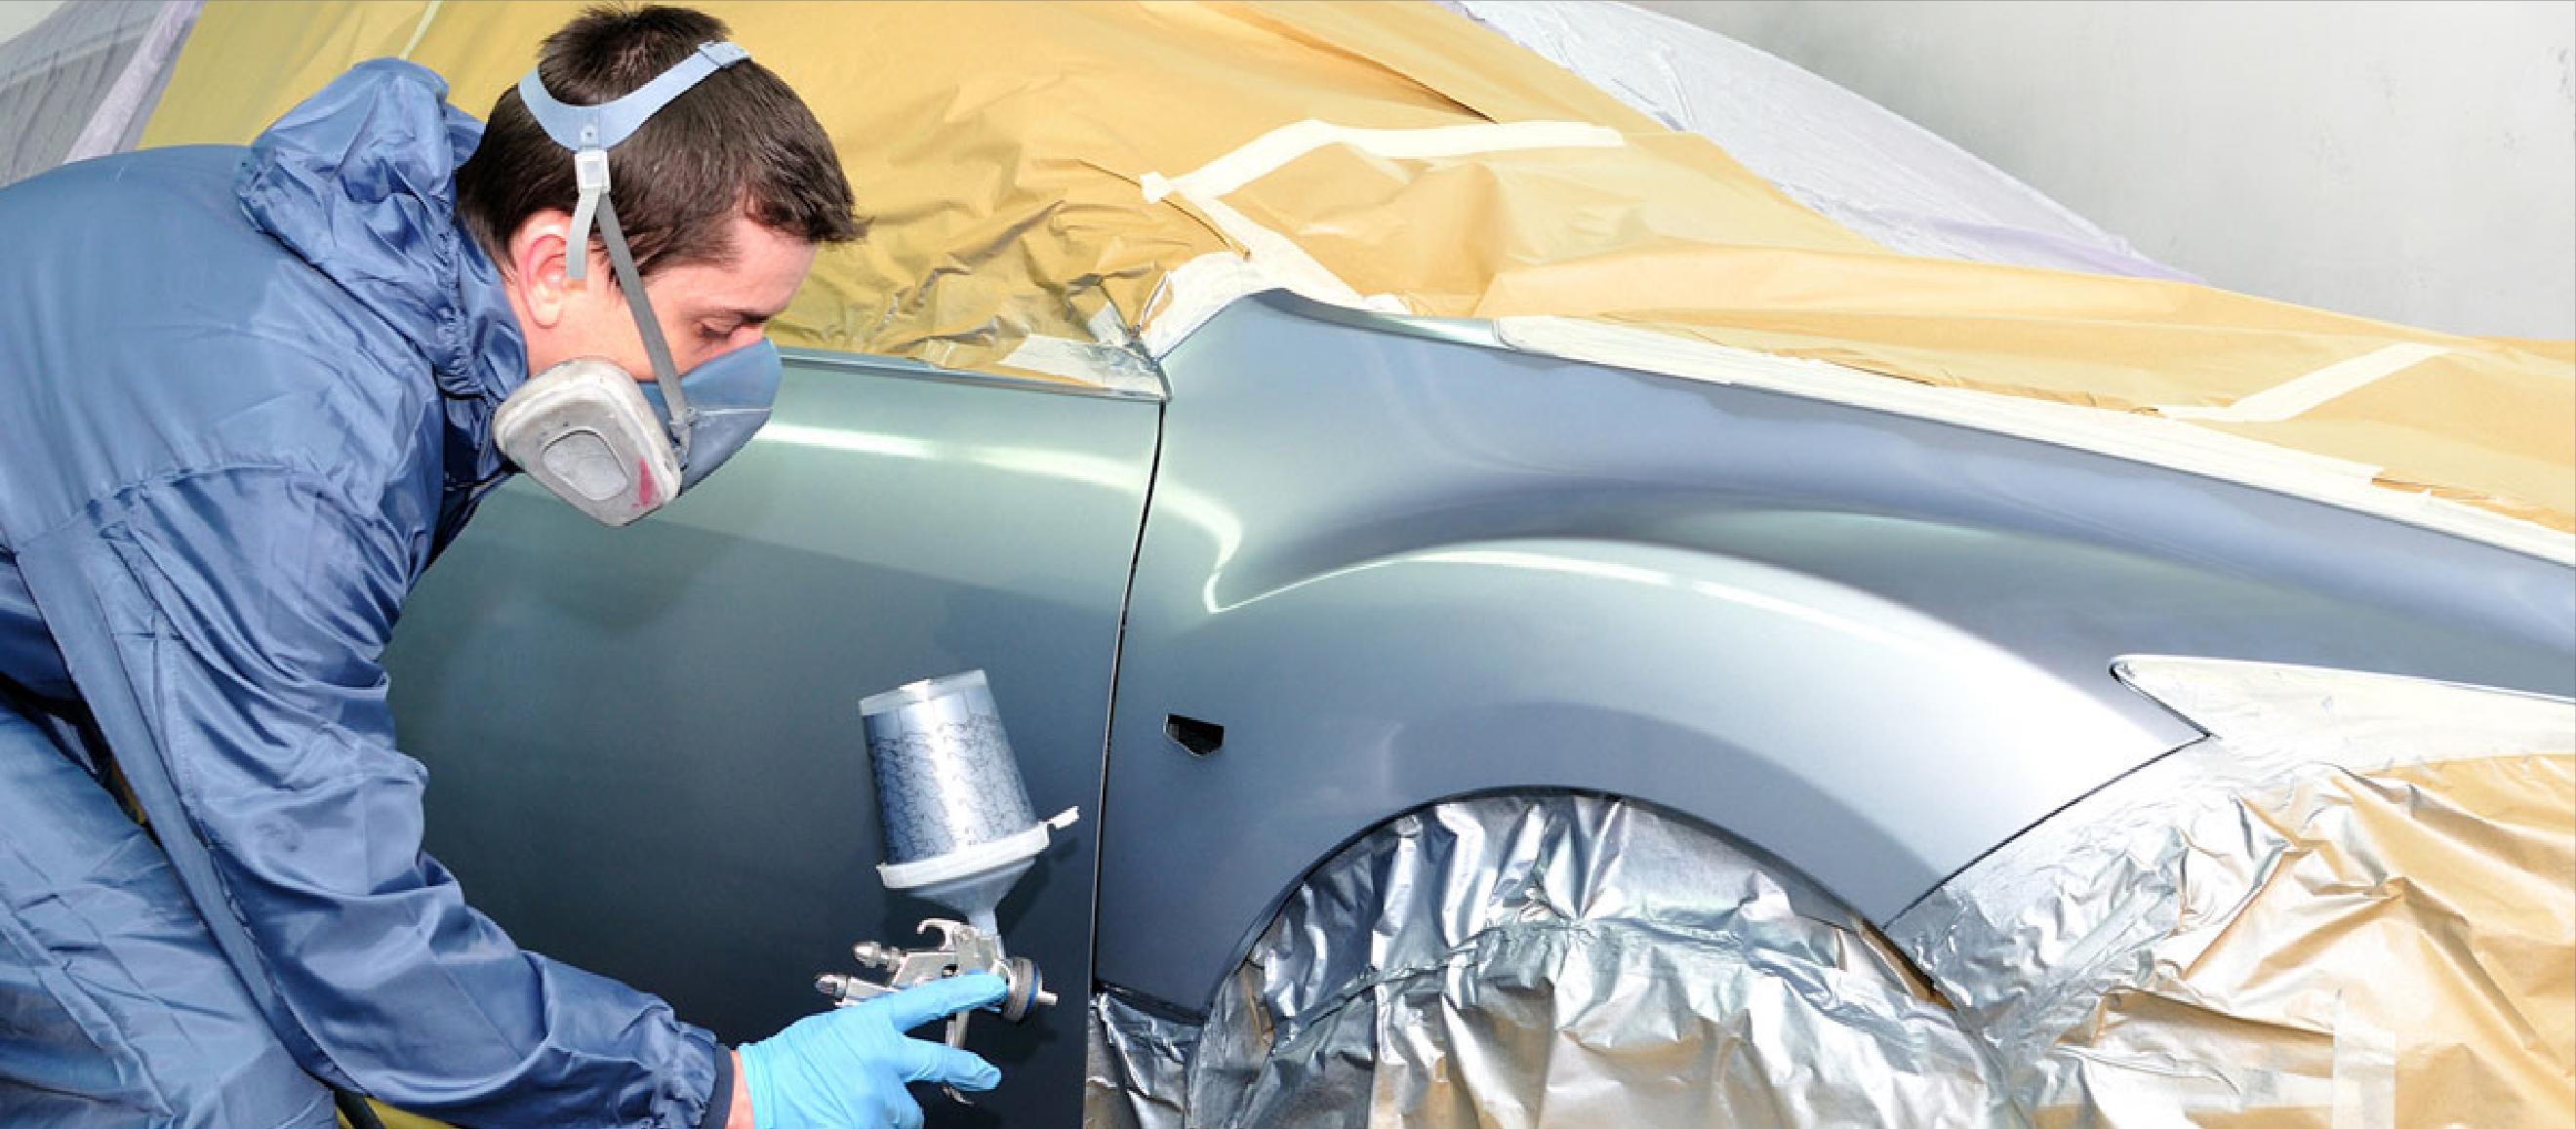 https://autolab.com.co/wp-content/uploads/2019/08/011019-Cómo-se-hace-un-buen-trabajo-de-latonería-y-pintura-01.jpg